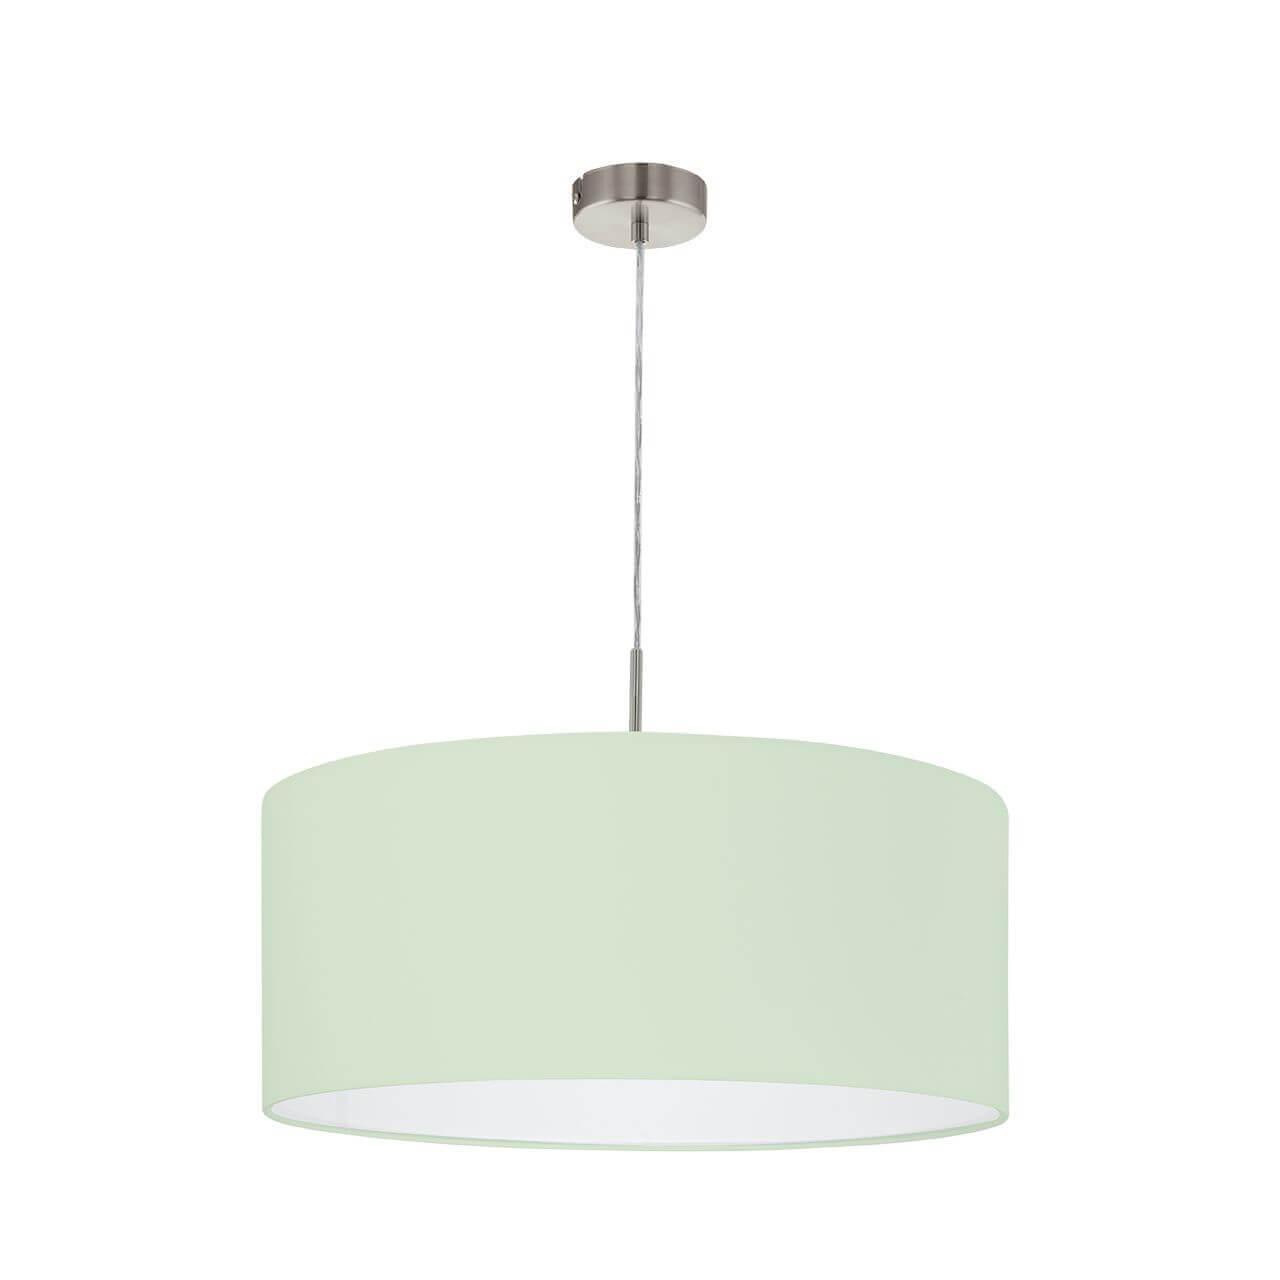 Подвесной светильник Eglo 97378, E27, 60 Вт подвесной светильник eglo pasteri 31577